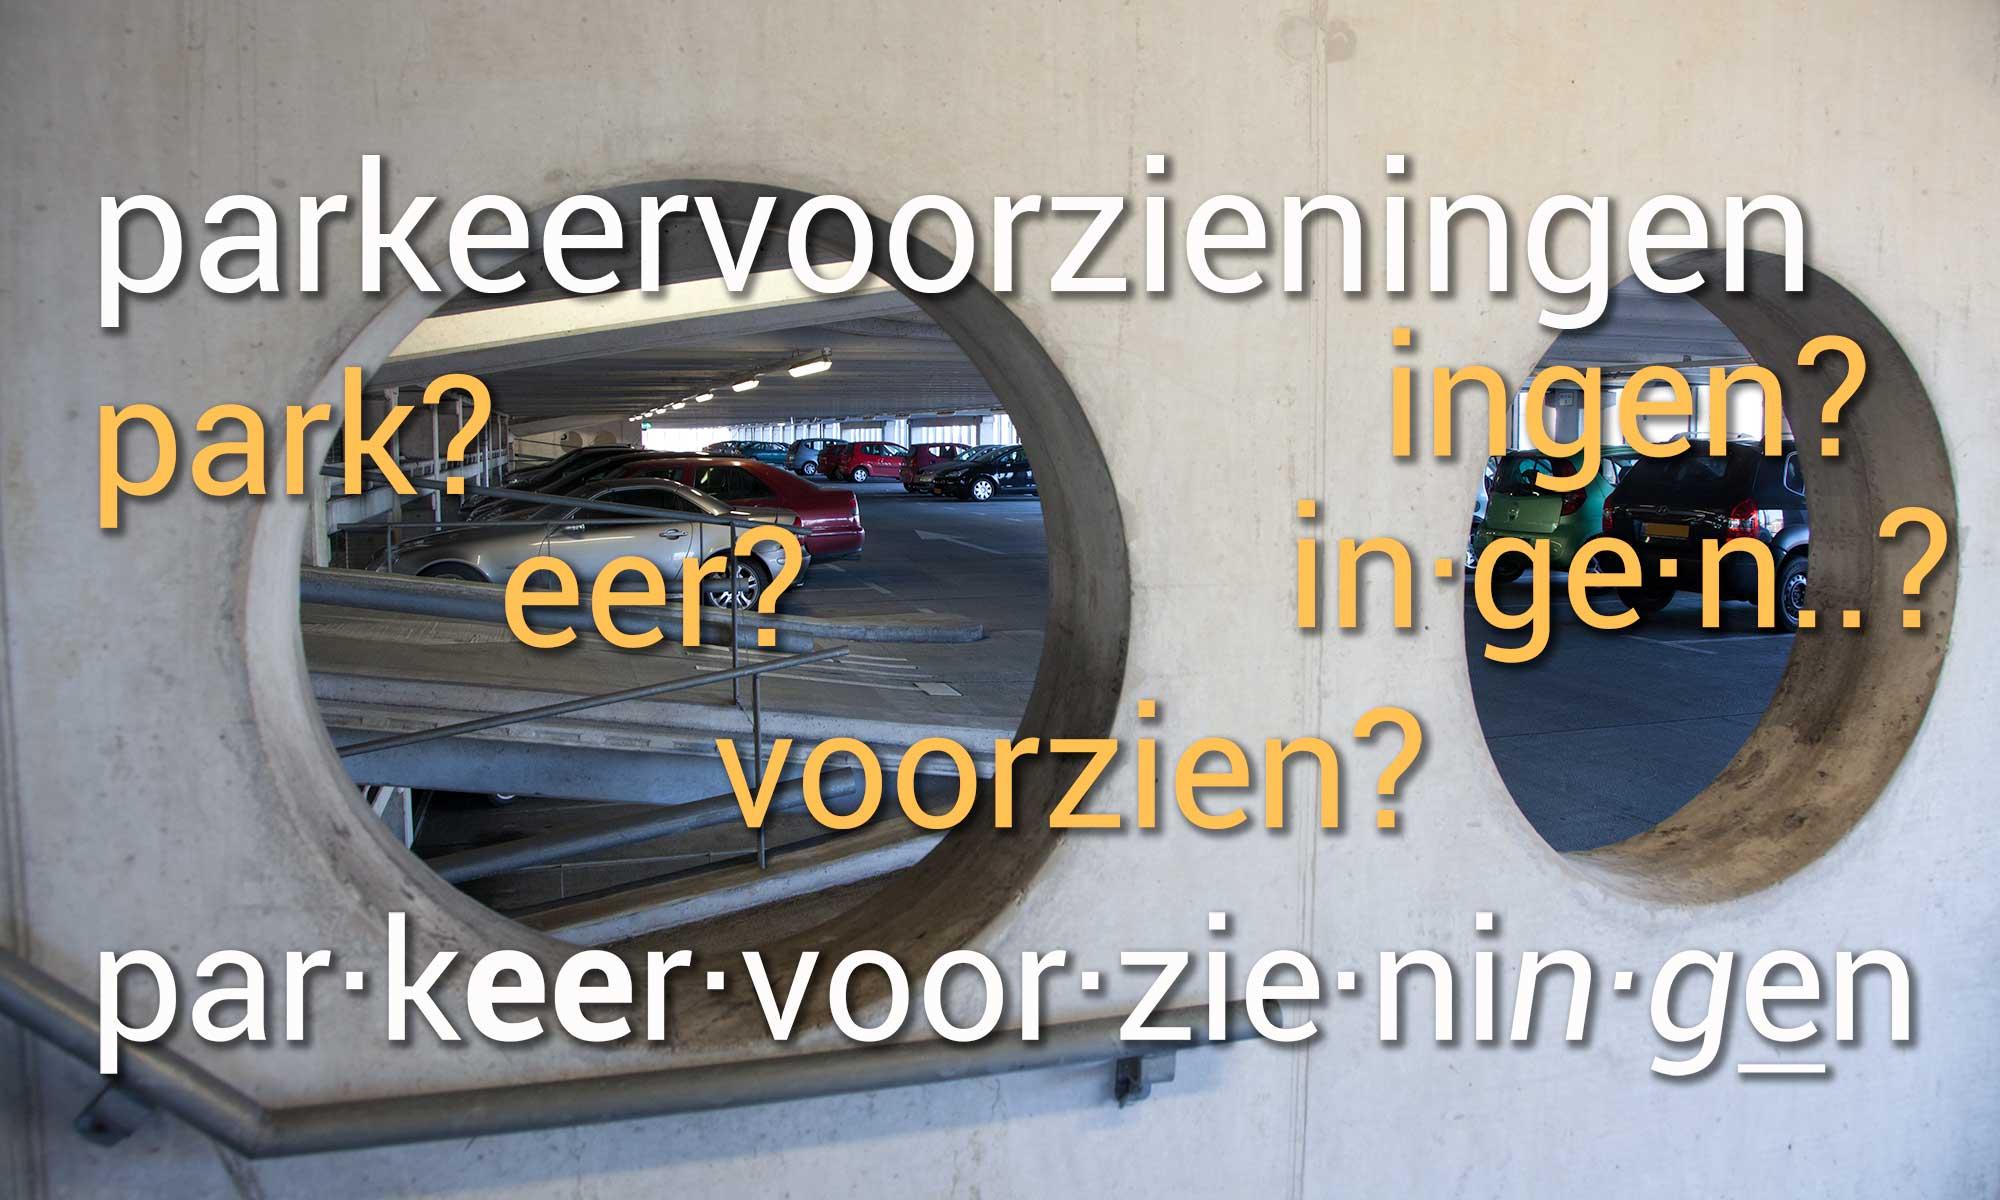 voorbeeld van verdelen van een lang Nederlands woord in lettergrepen